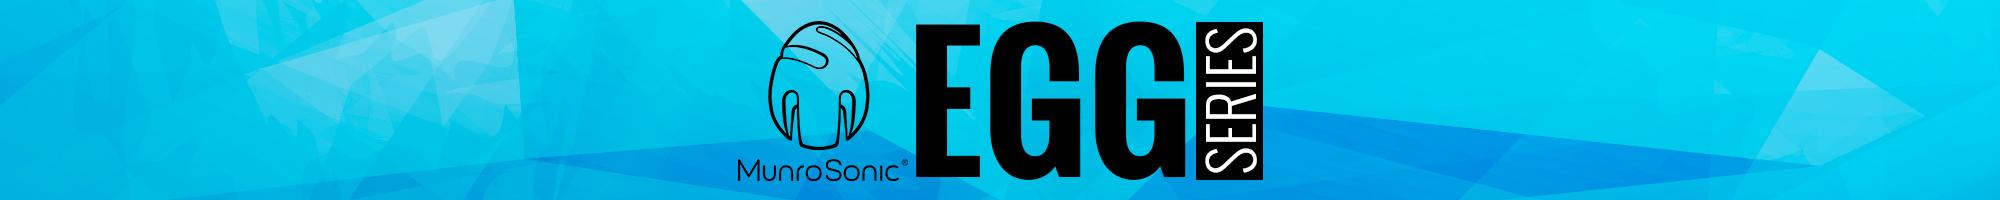 Munrosonic Egg Series